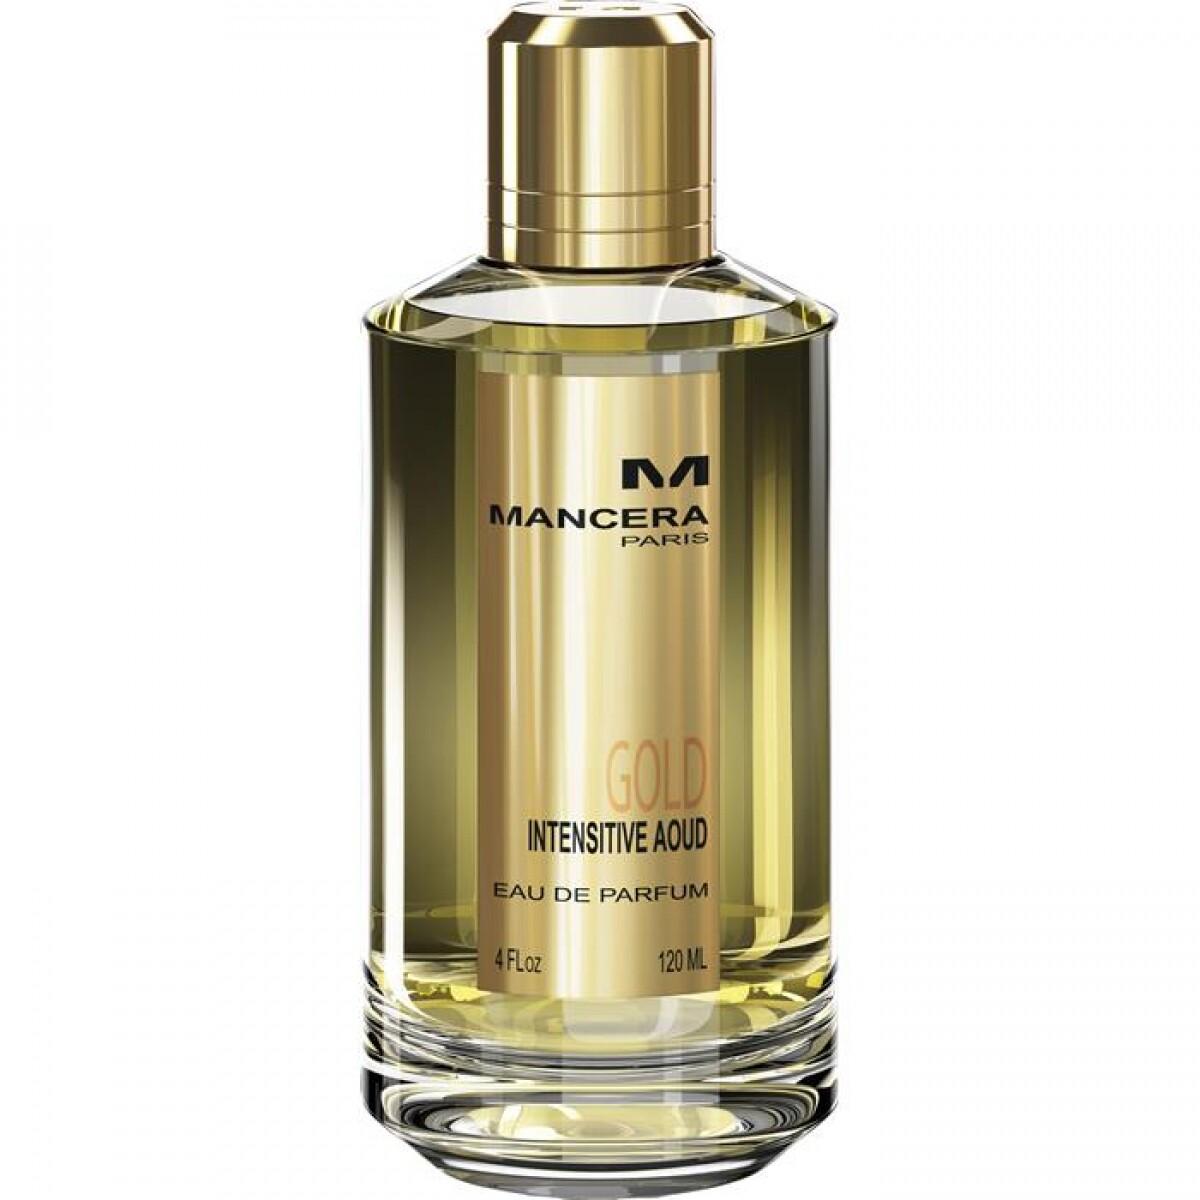 Mancera | Intensitive Aouds Gold | Parfum | 2013 diversen